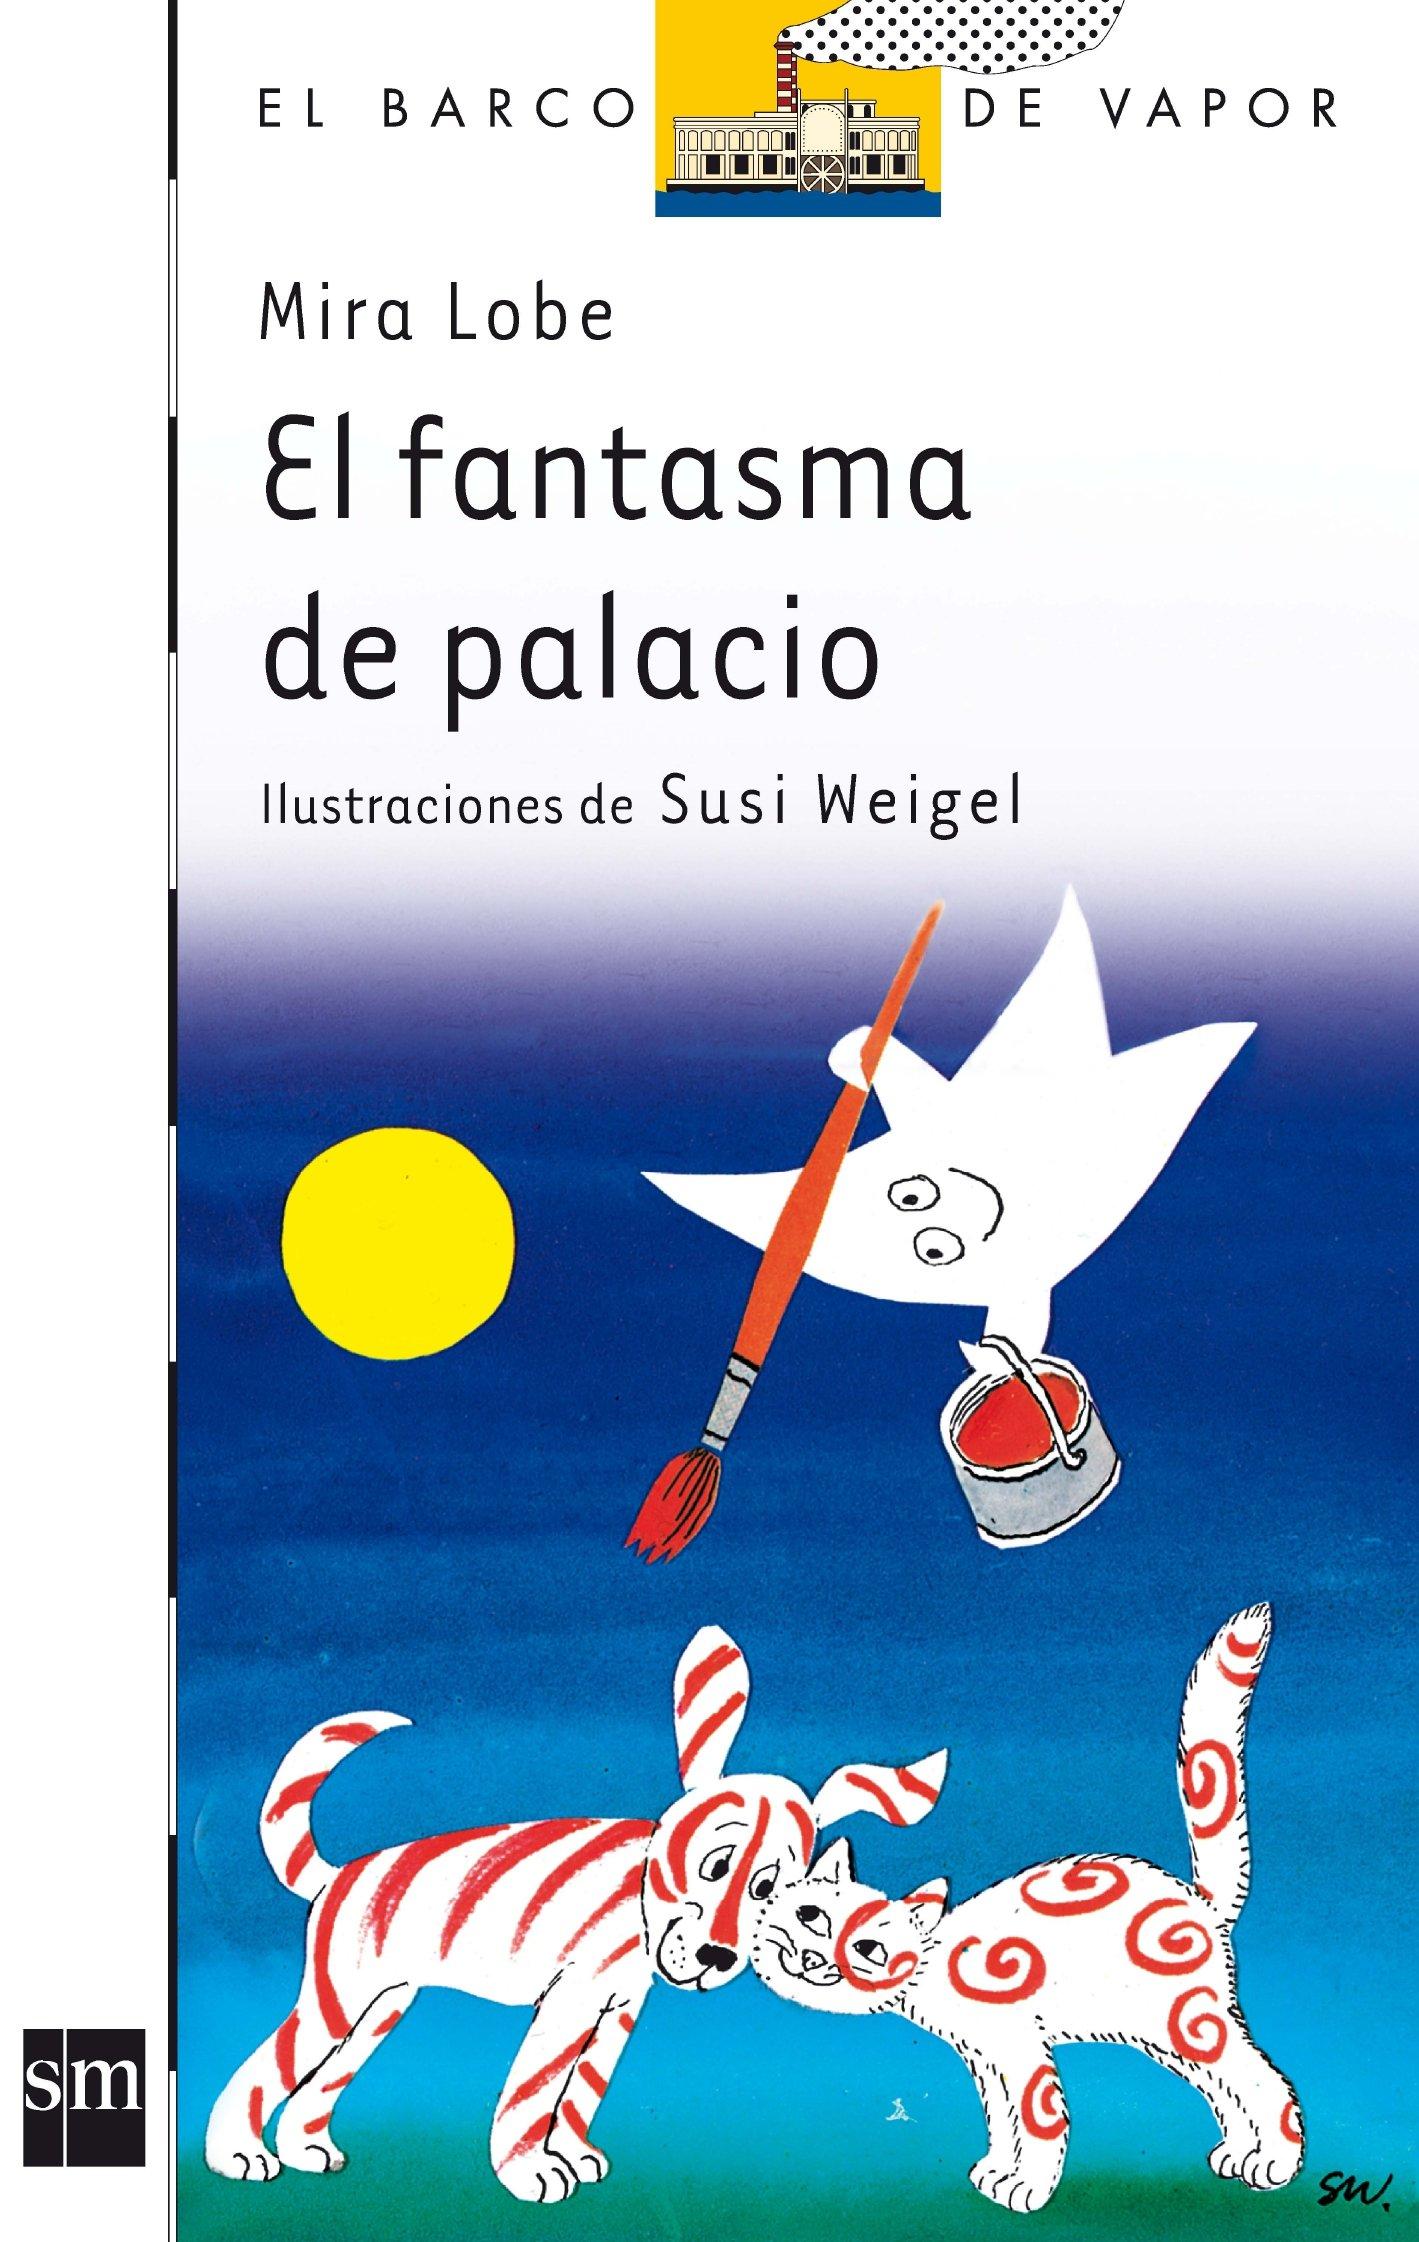 El fantasma de palacio (El Barco de Vapor Blanca): Amazon.es: Mira Lobe,  Susi Weigel, Jesús Larriba: Libros